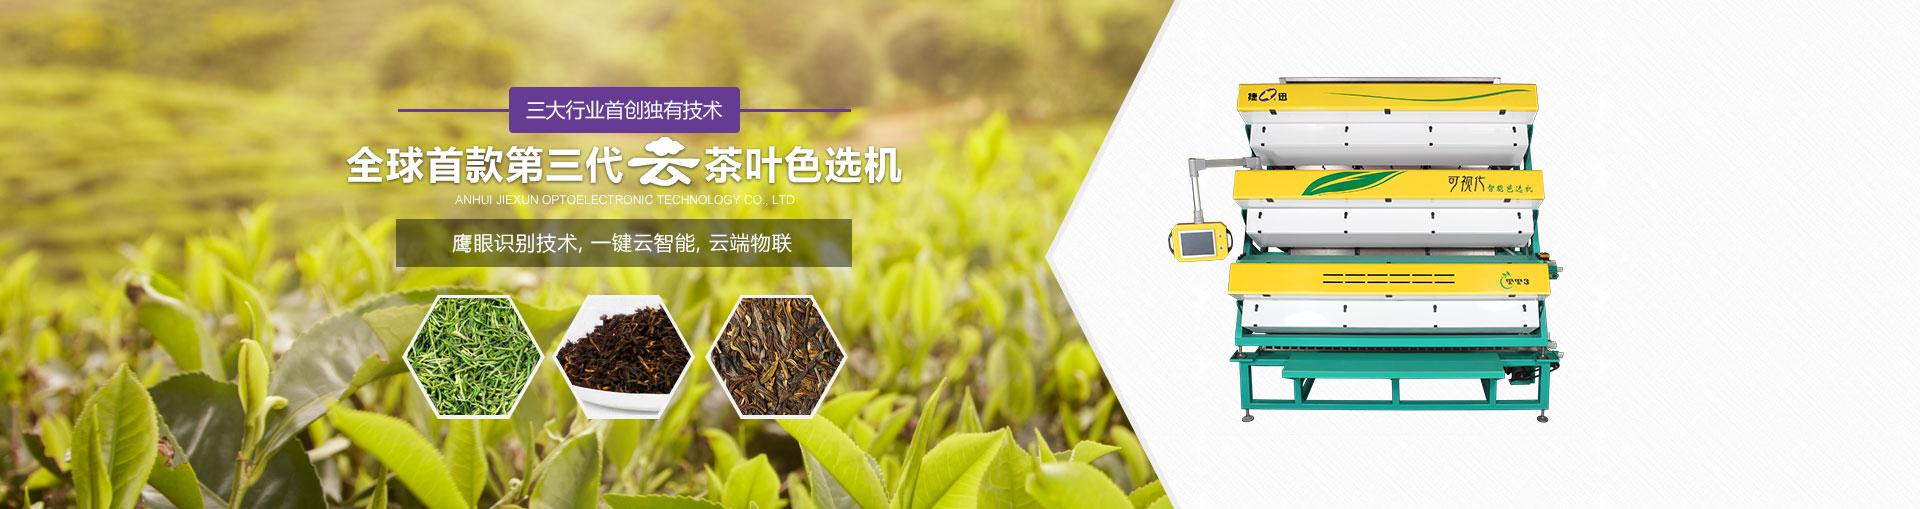 安徽捷迅光电-banner2